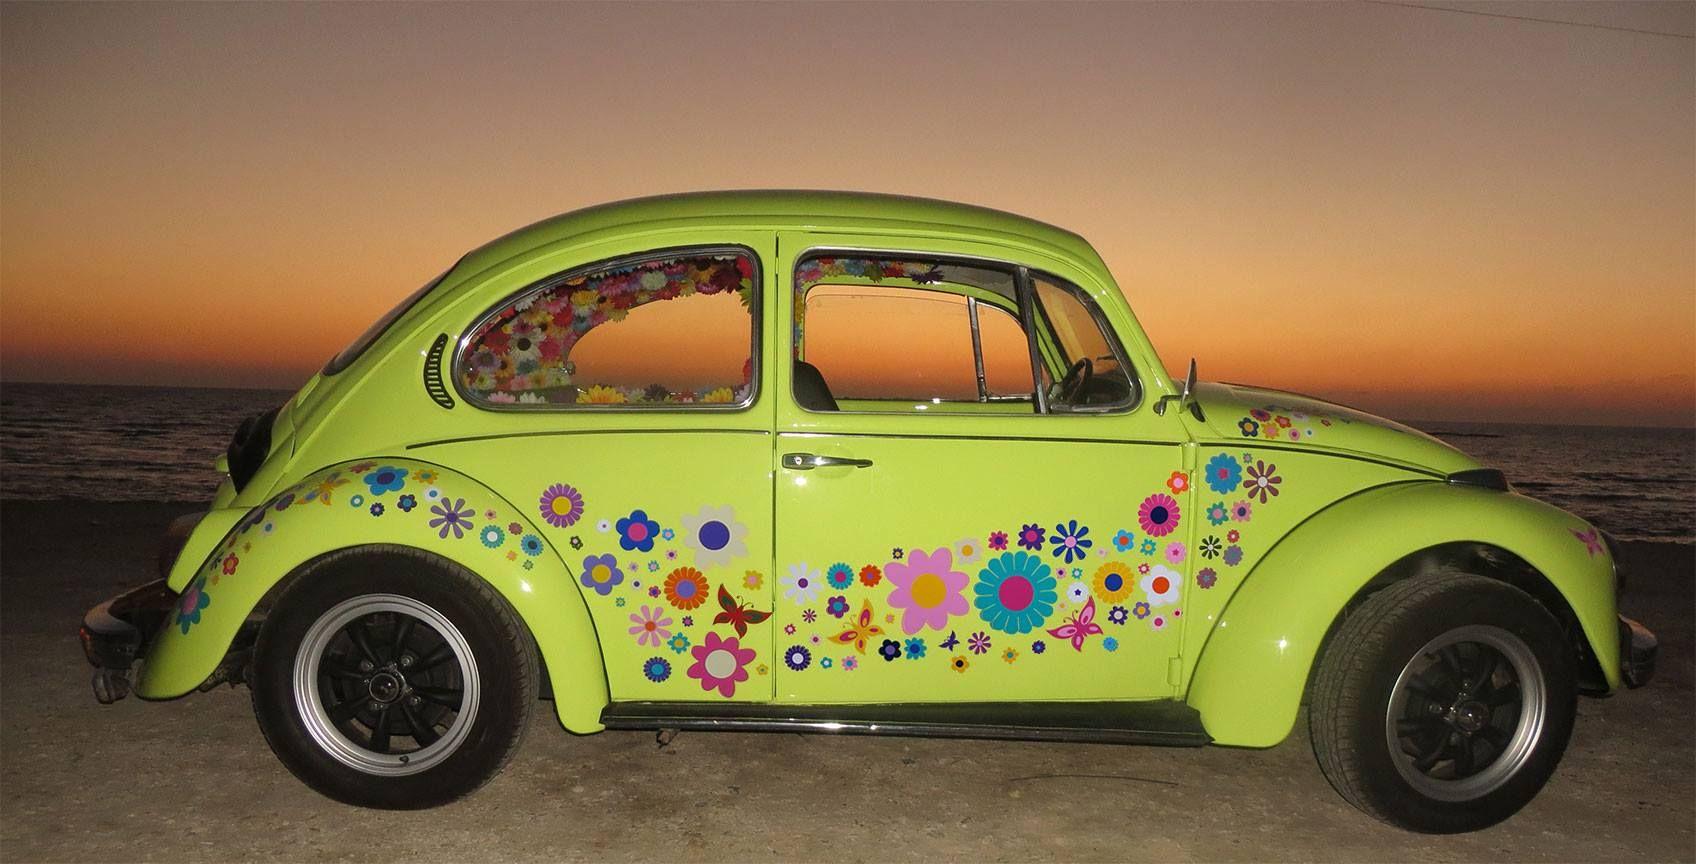 Vw beetle flower vinyl car stickers by hippy motors http www hippymotors